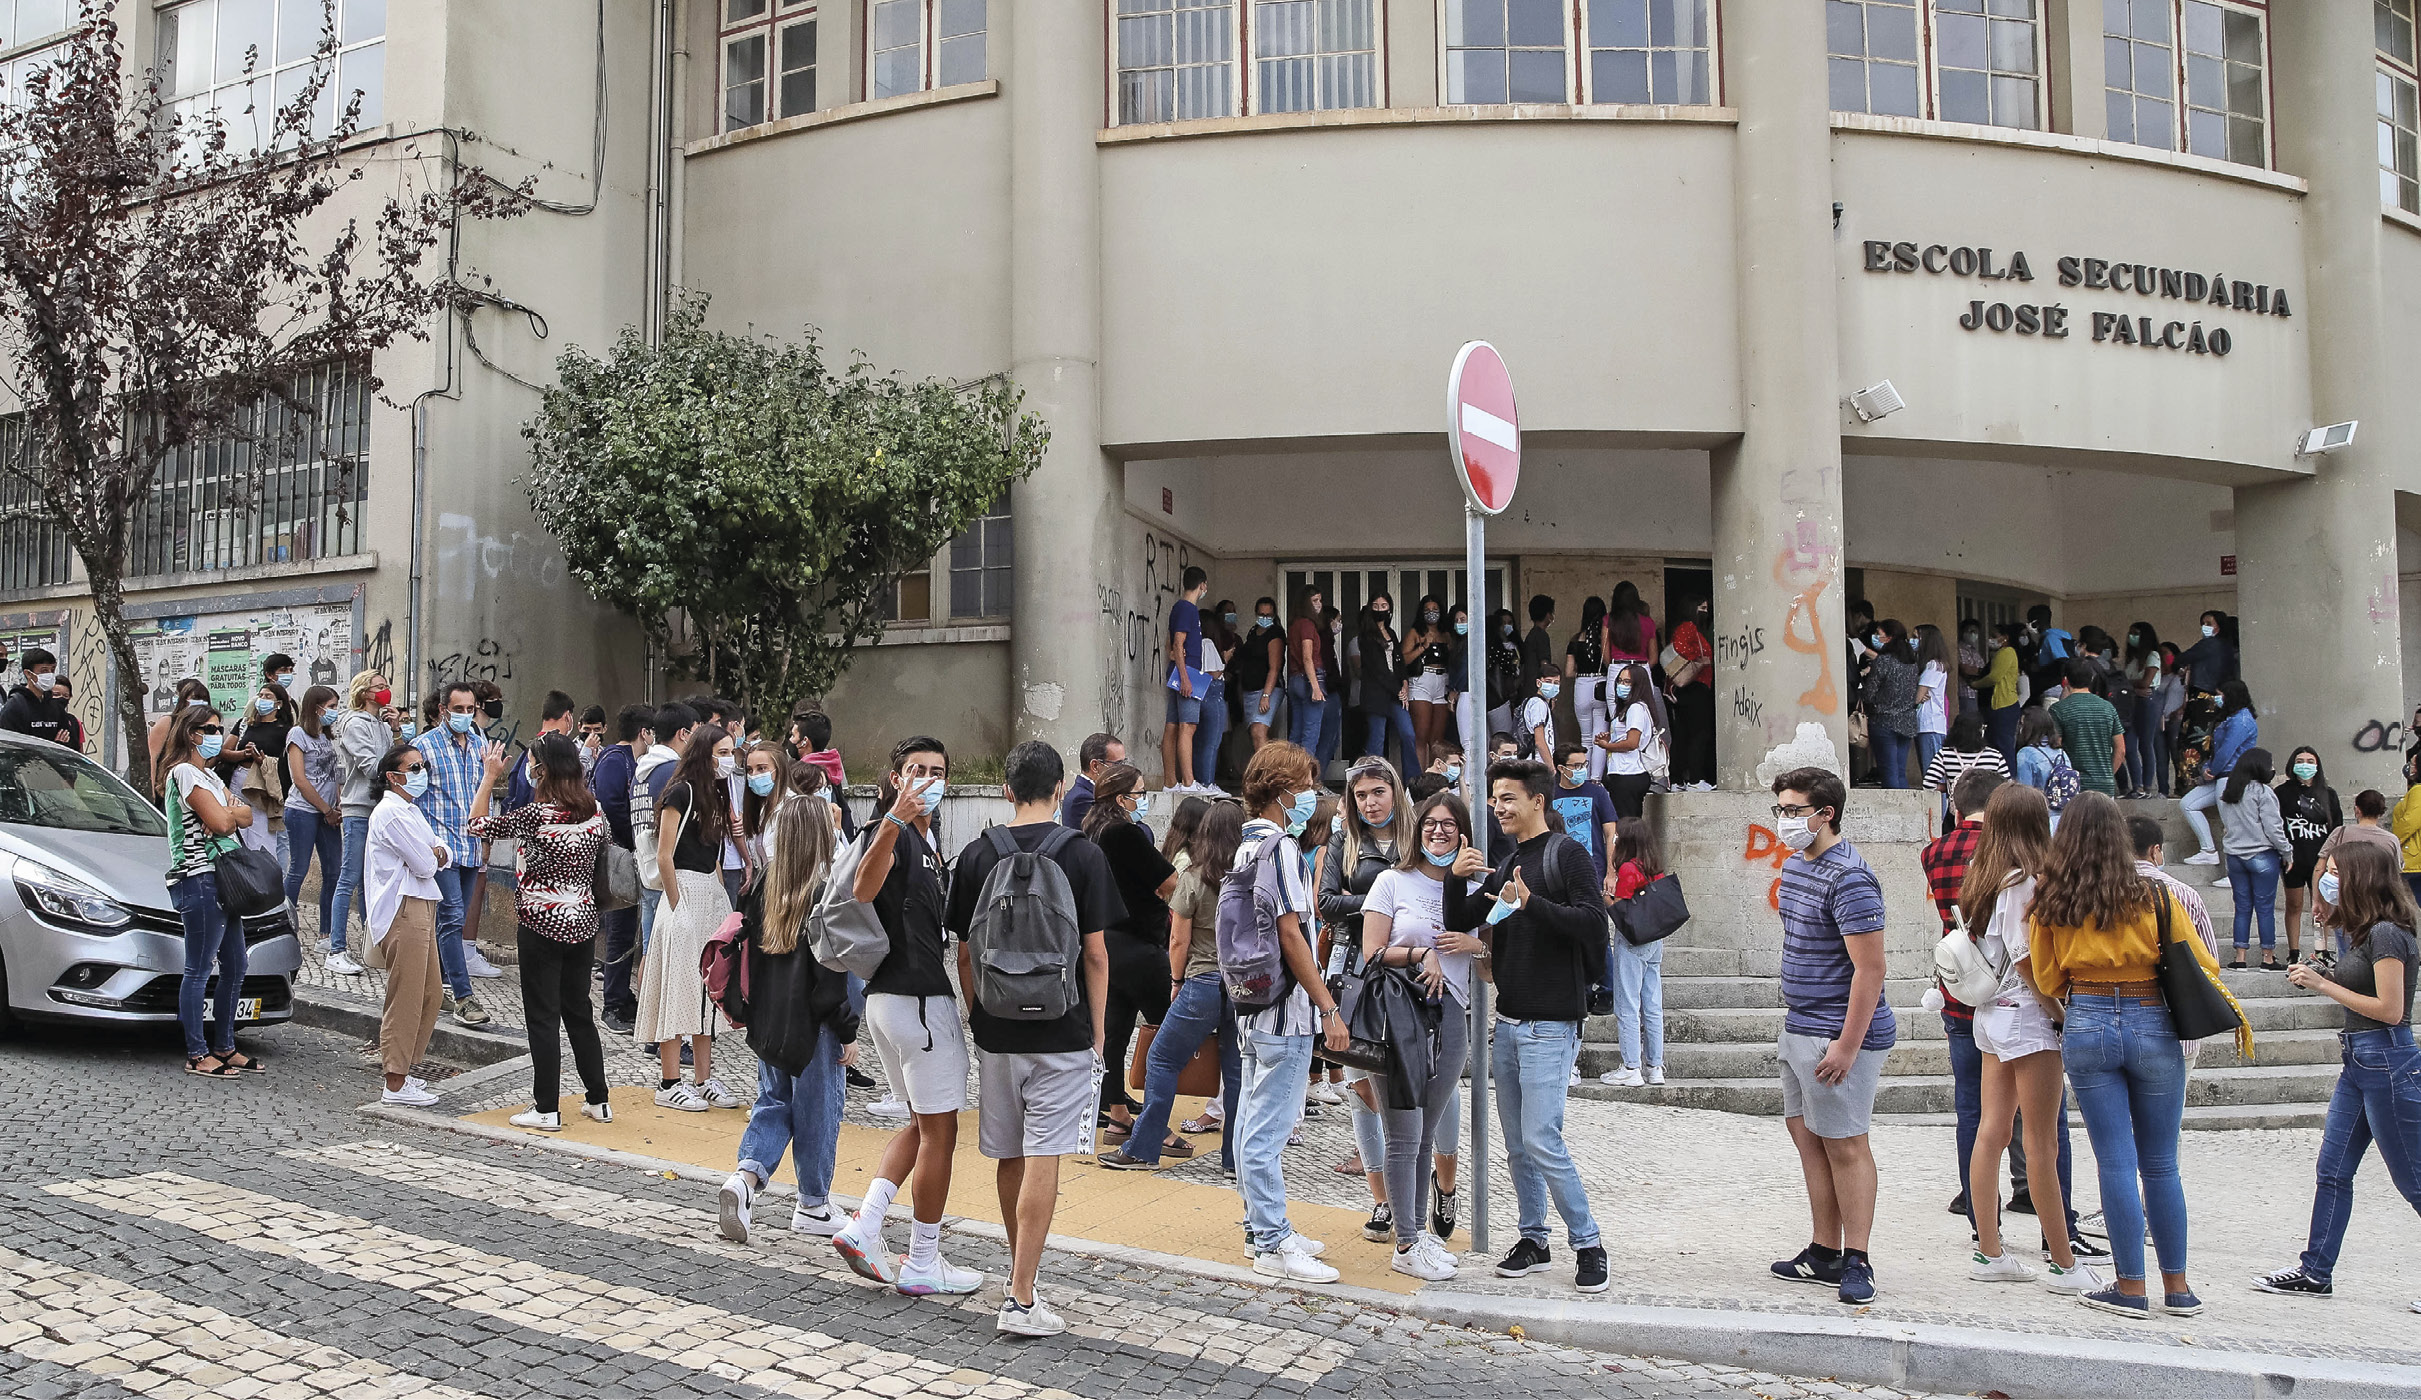 Alunos à porta da Escola Secundária José Falcão, no dia que assinala o regresso às aulas, com as regras no contexto de pandemia da Covid-19, em Coimbra, 17 de setembro de 2020. PAULO NOVAIS/LUSA